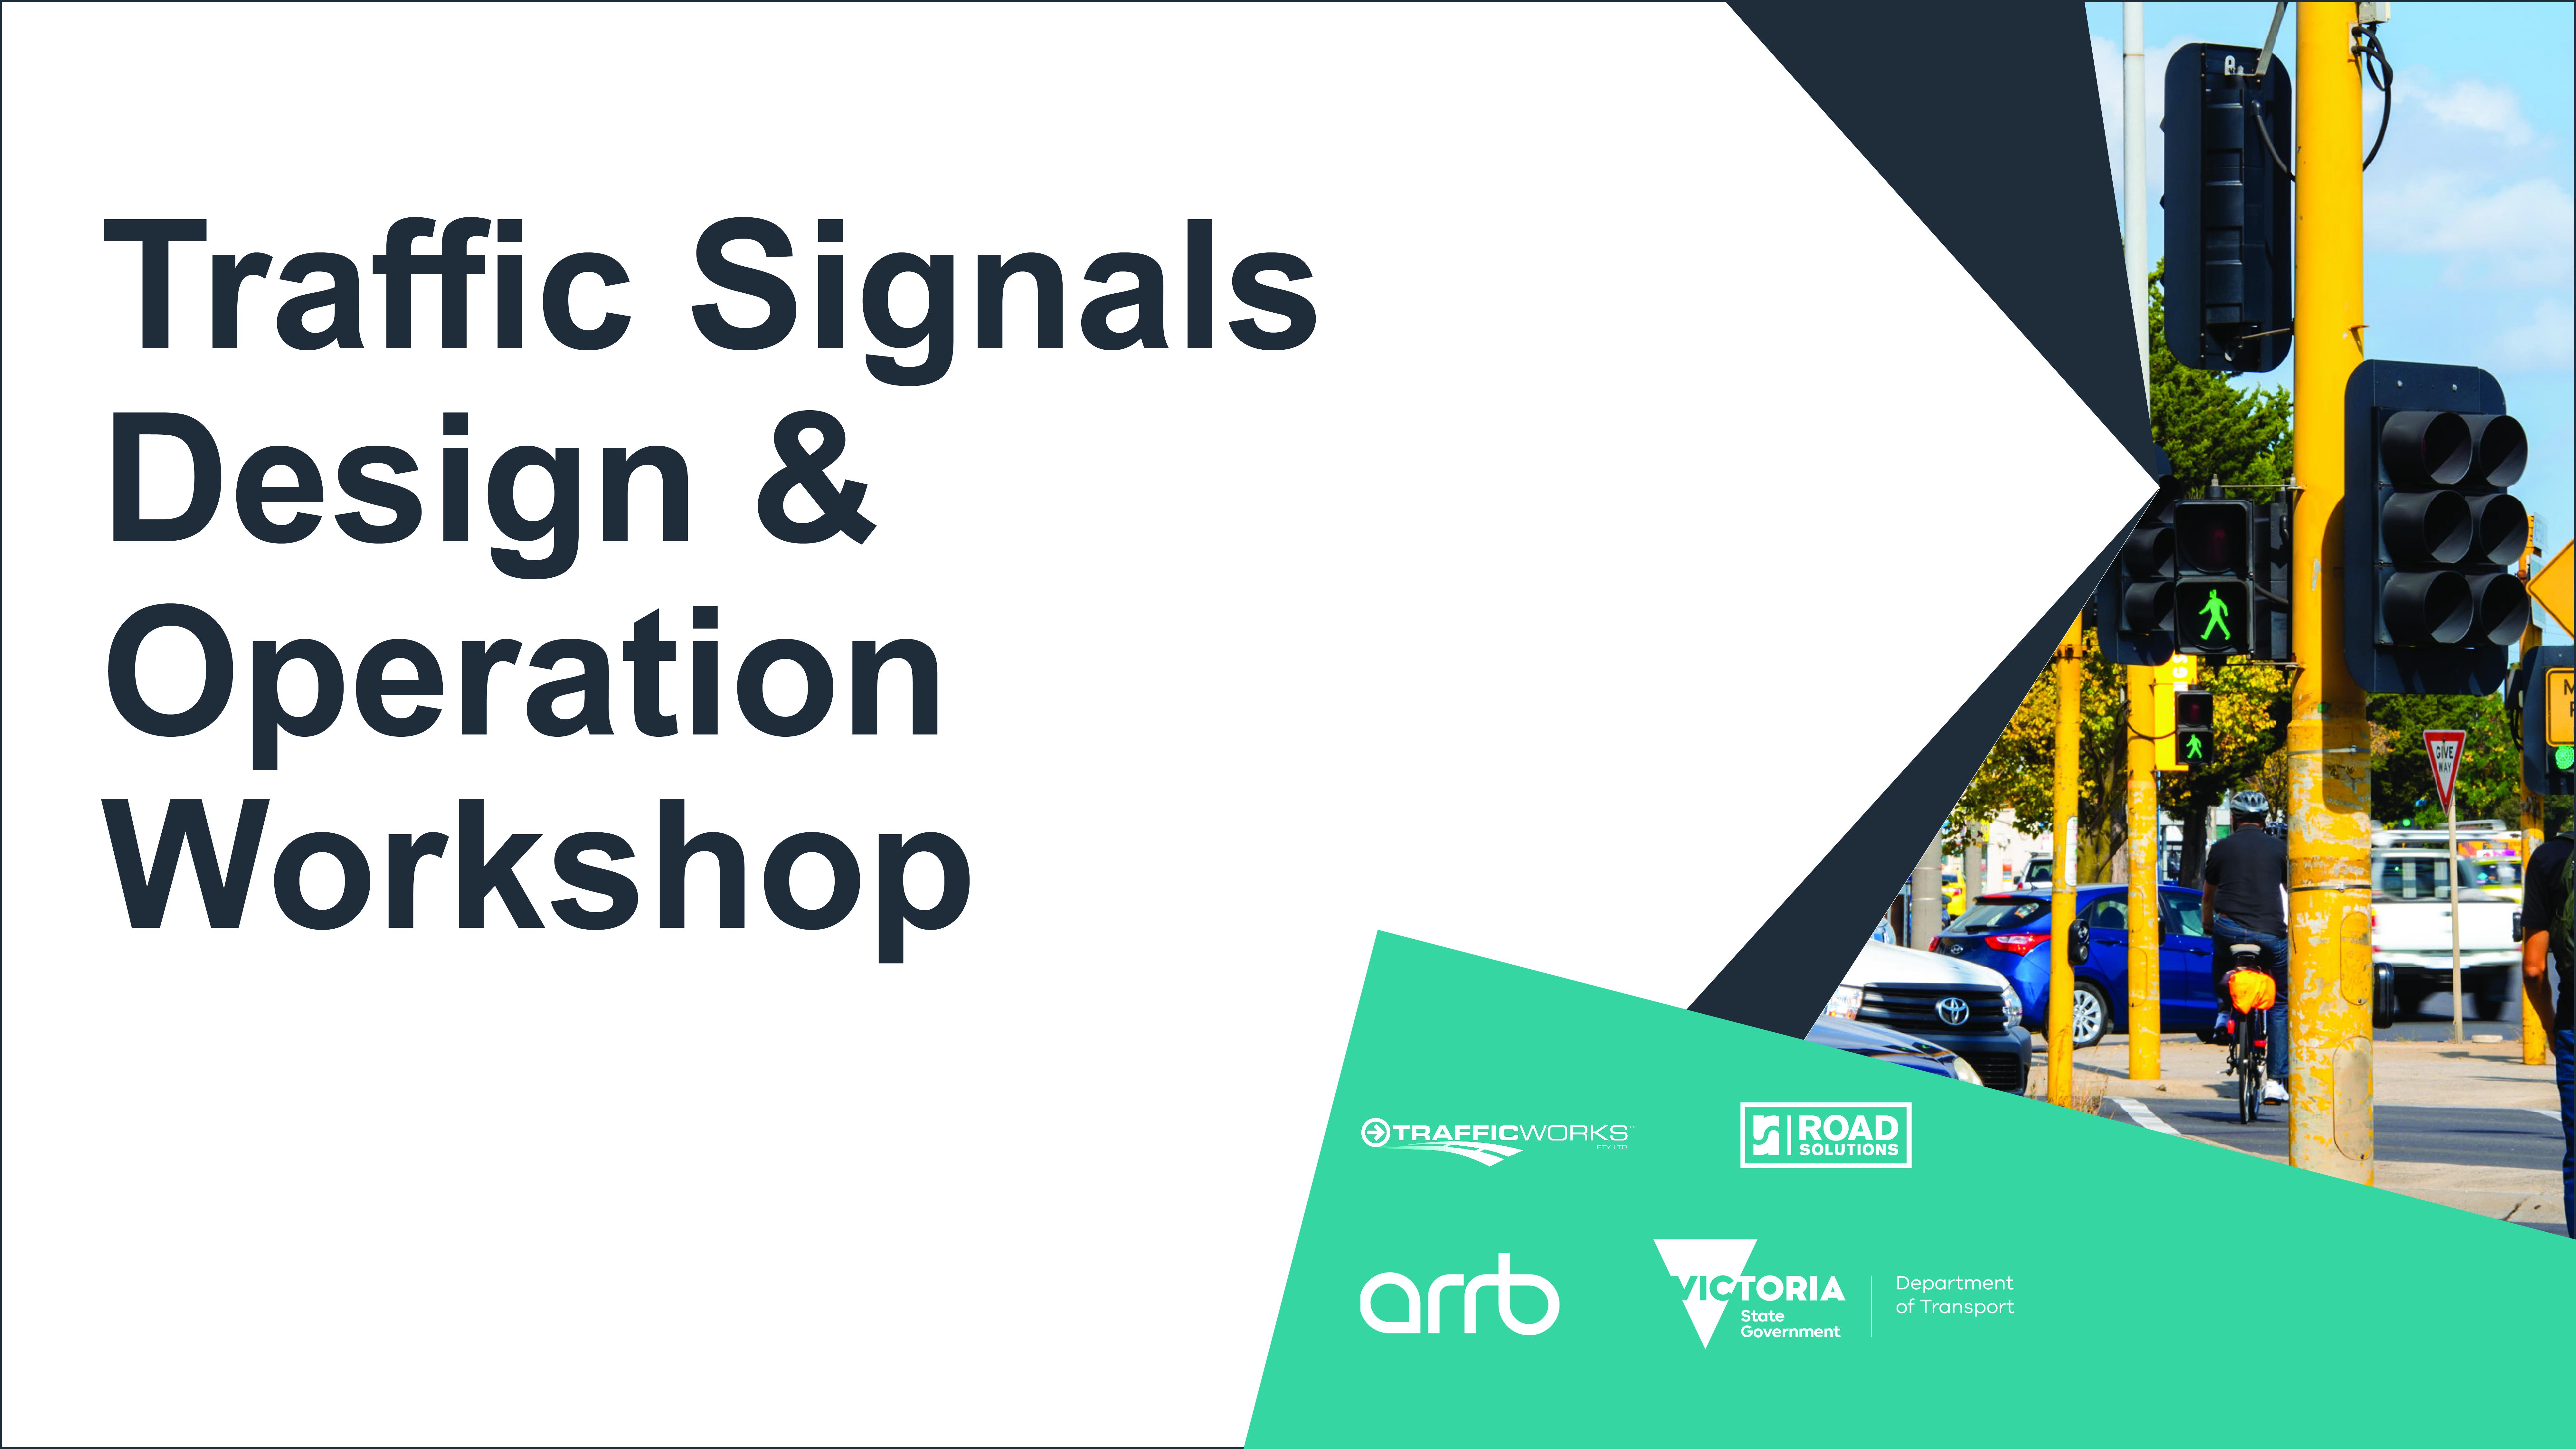 DoT Traffic Signals Design & Operation Workshop November